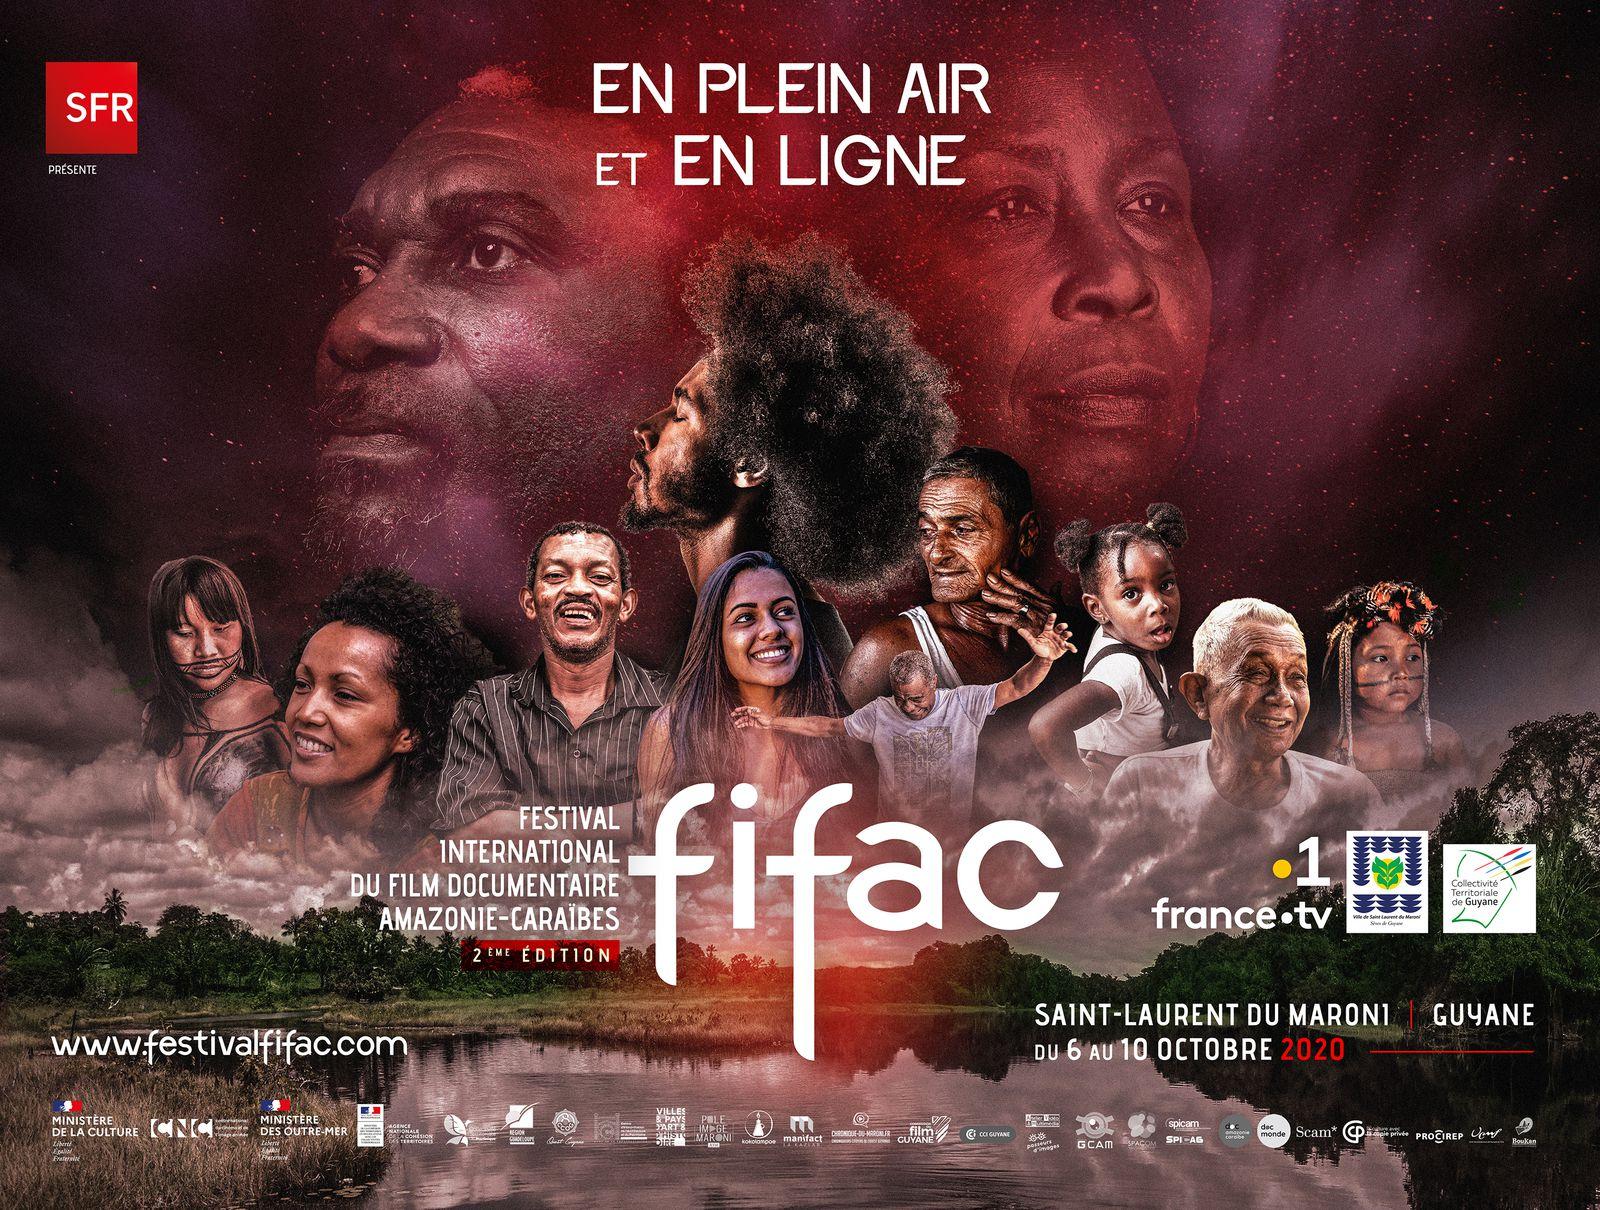 FIFAC - graphisme du festival